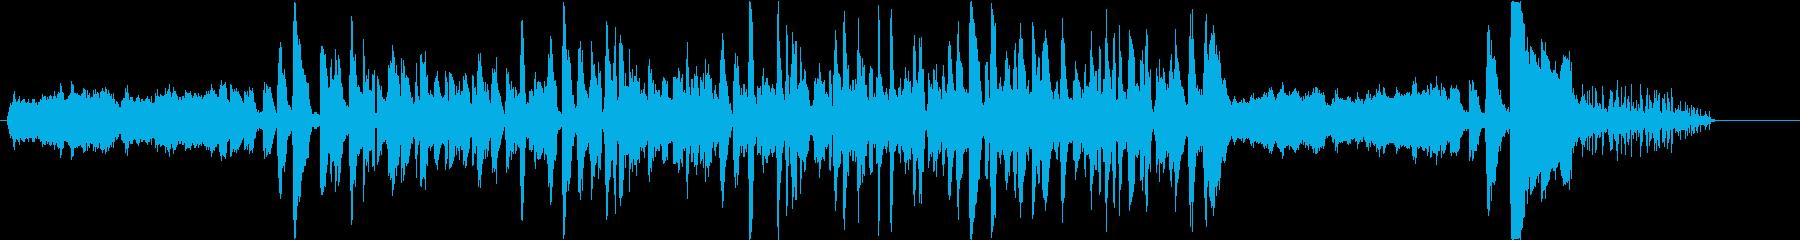 うめをテーマにした楽曲の再生済みの波形